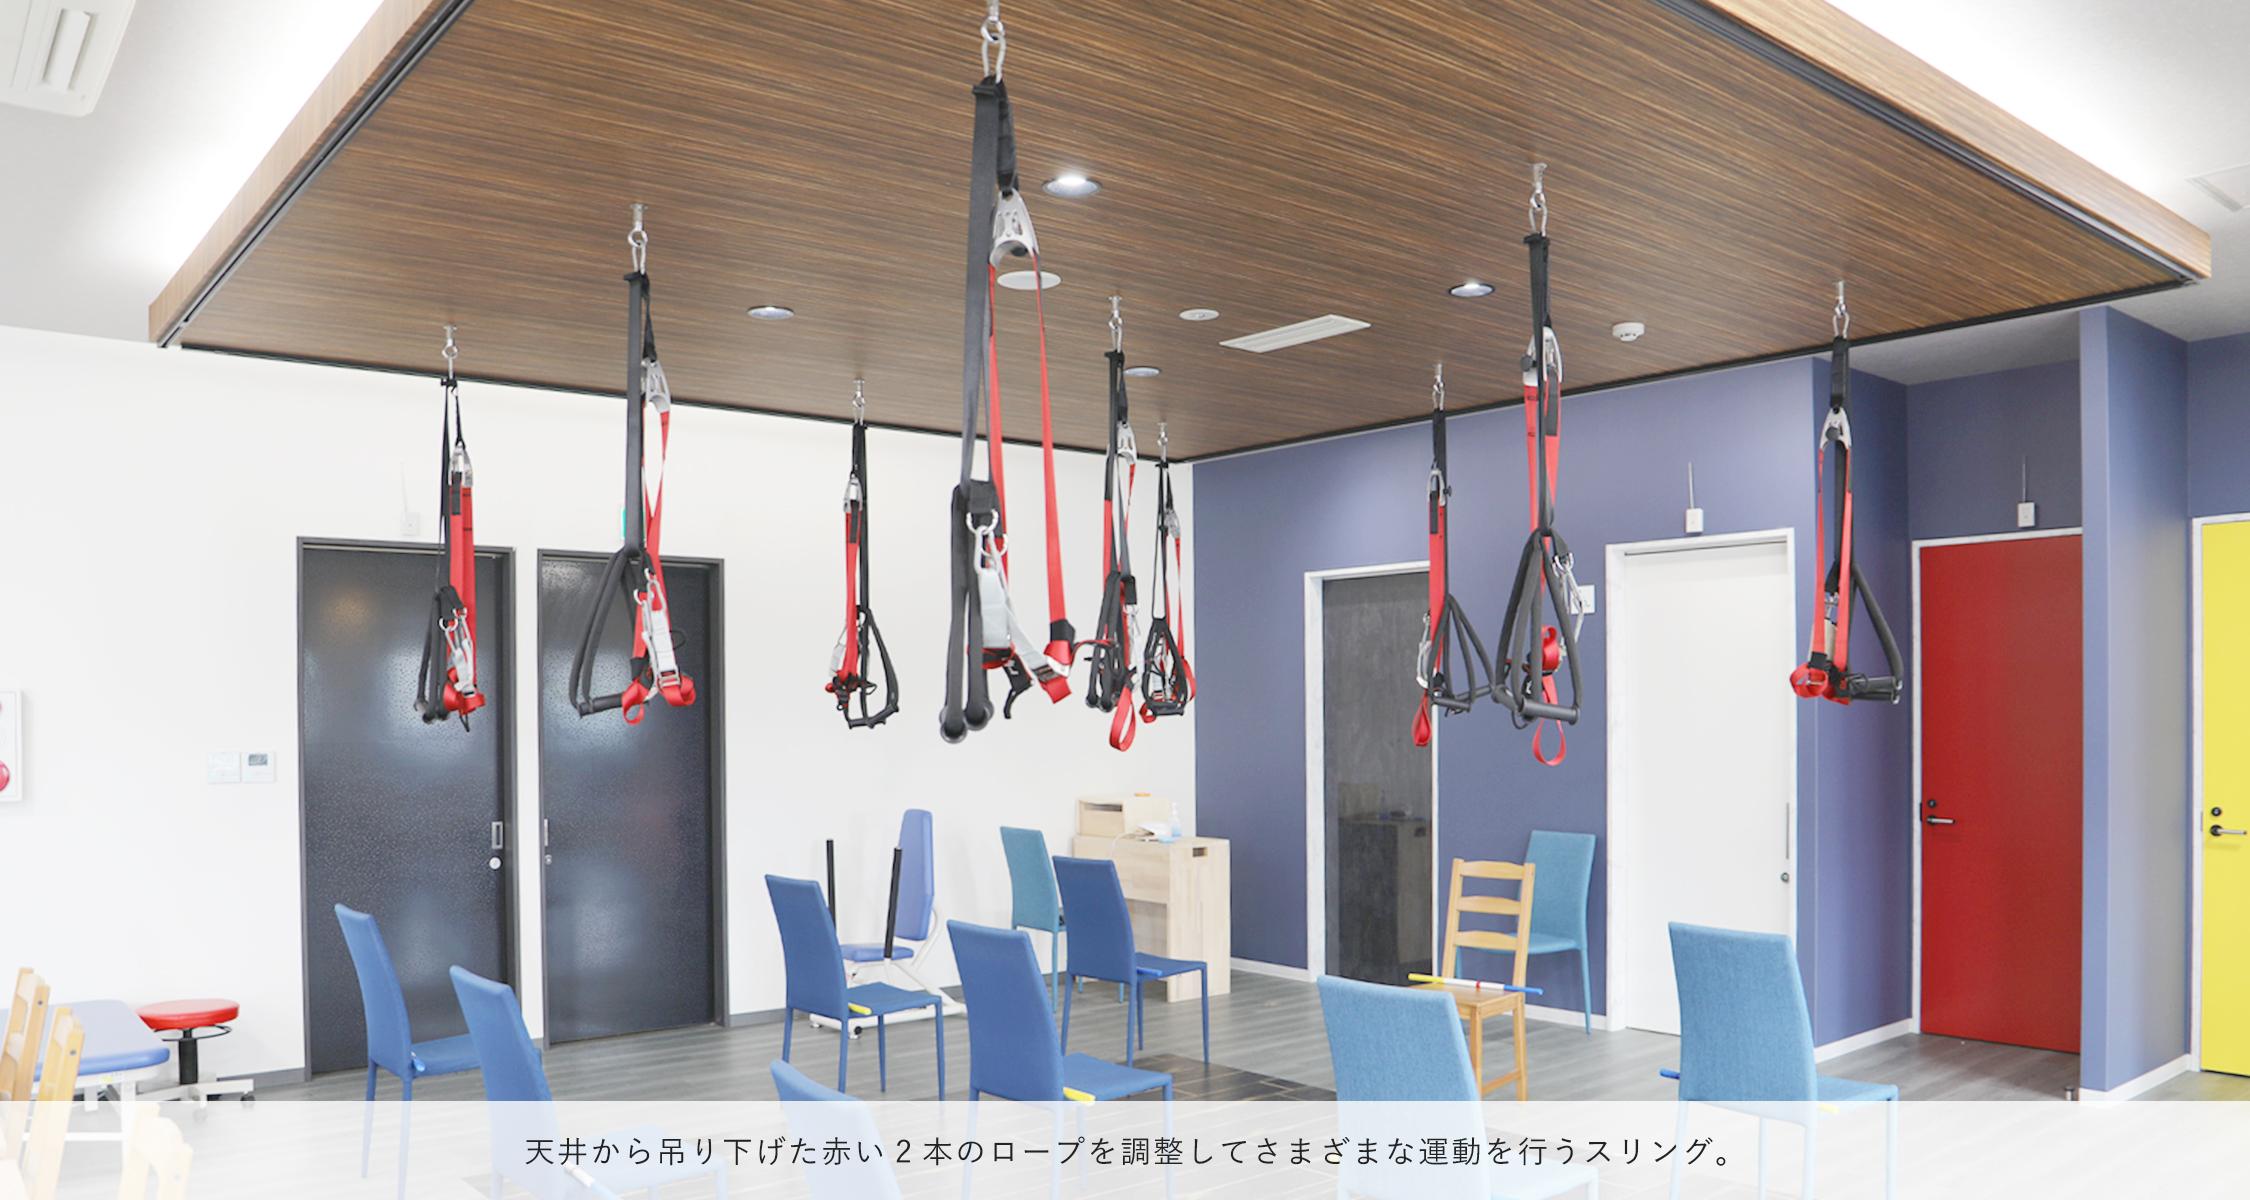 天井から吊り下げた赤い2本のロープを調整してさまざまな運動を行うスリング。